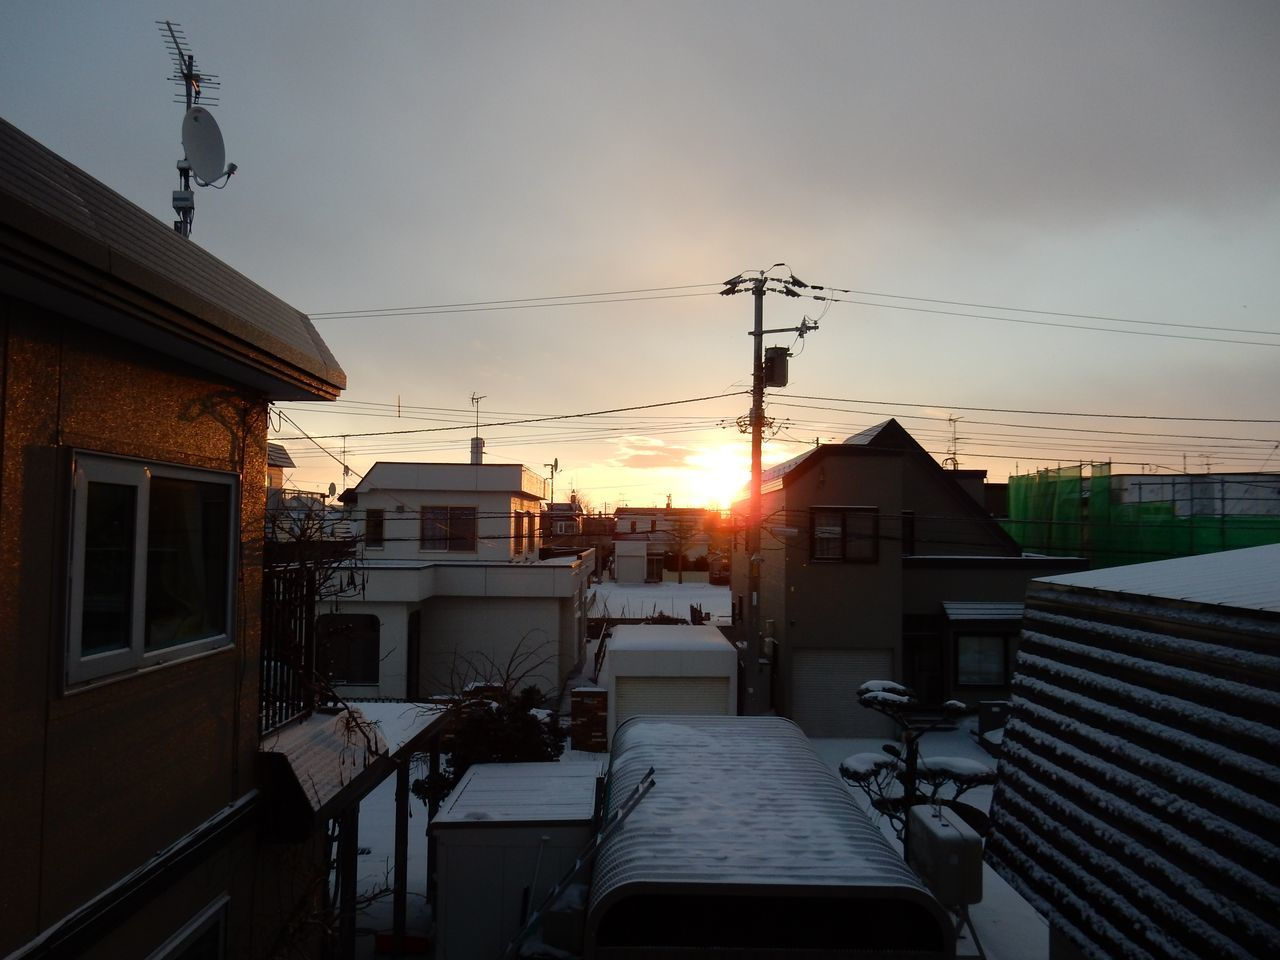 雪の少ないまま深まる真冬日_c0025115_18263377.jpg